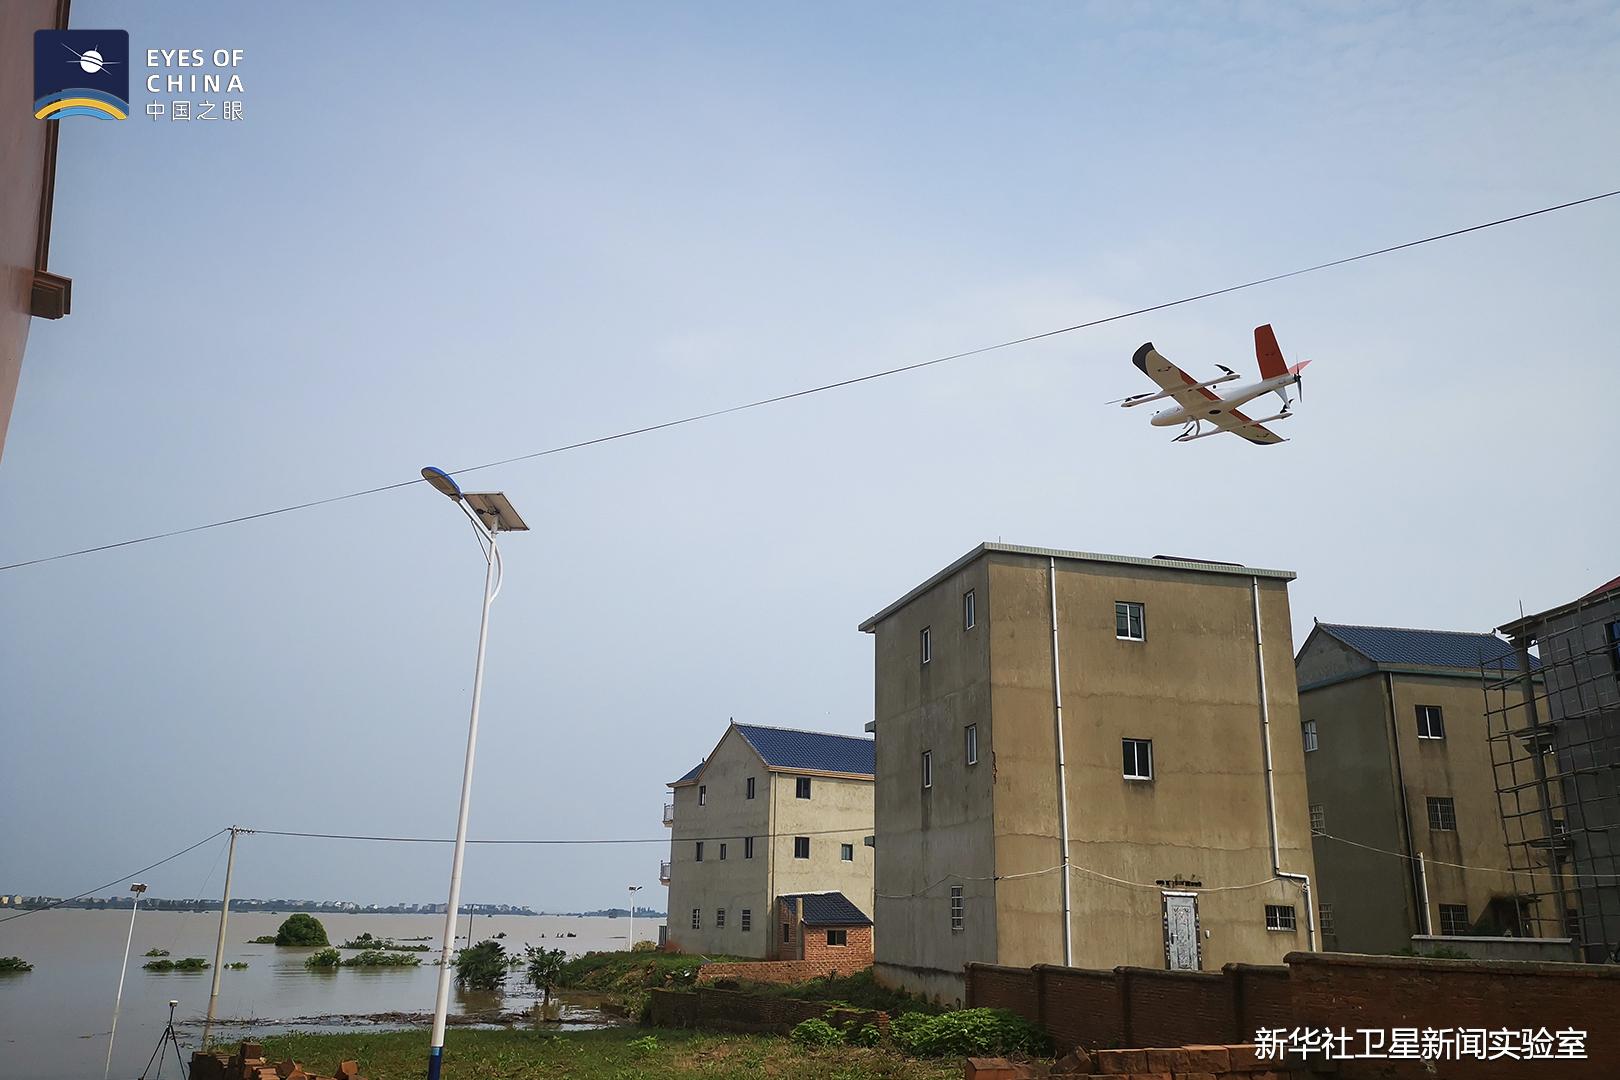 重要粮食产区鄱阳湖区洪水来袭 种的稻子咋办?